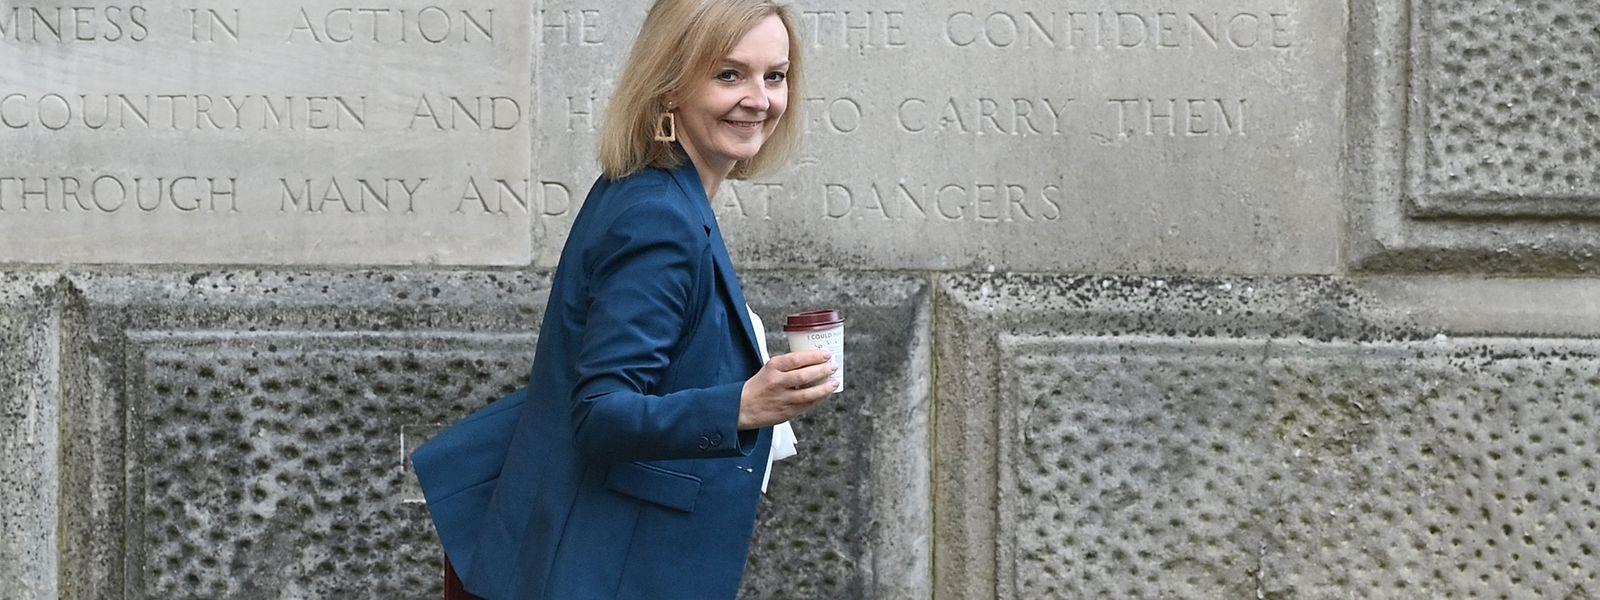 Als Liz Truss vergangene Woche die Downing Street 10 als neue Chefdiplomatin verlässt, spricht ihr Ausdruck Bände: Sie hat ein zufriedenes Lächeln auf dem Gesicht.